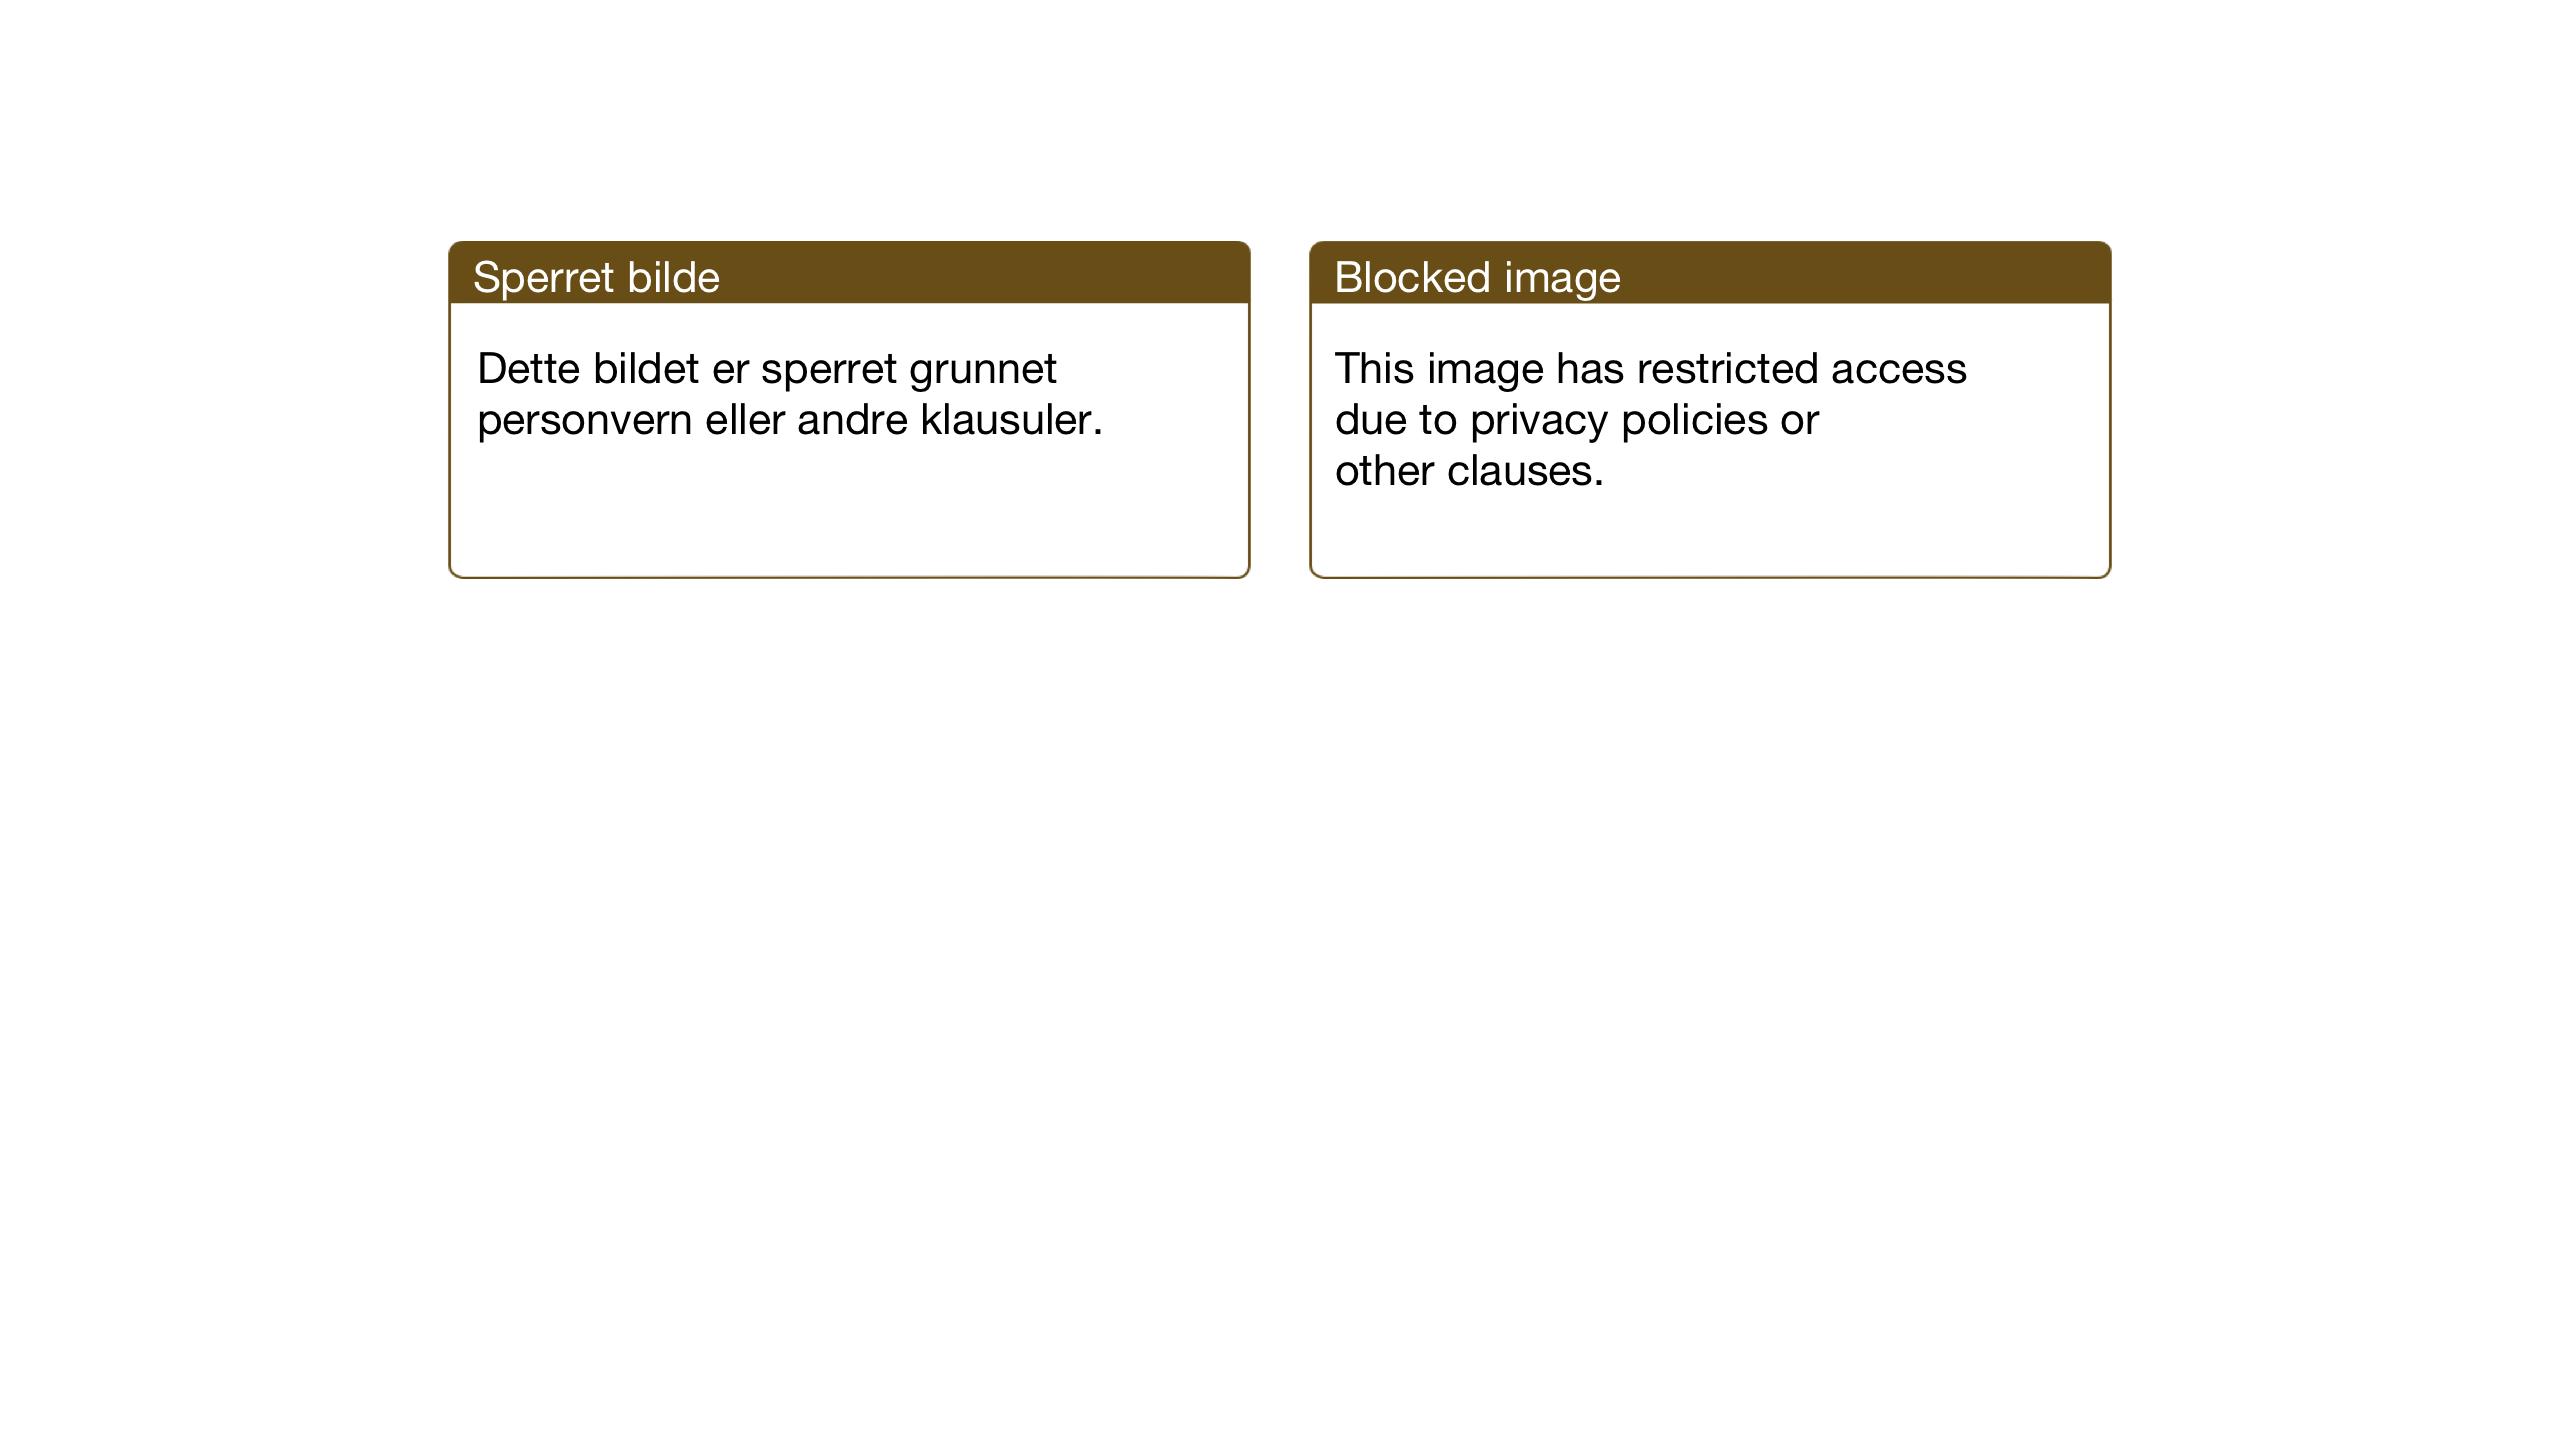 SAT, Ministerialprotokoller, klokkerbøker og fødselsregistre - Sør-Trøndelag, 681/L0944: Klokkerbok nr. 681C08, 1926-1954, s. 88